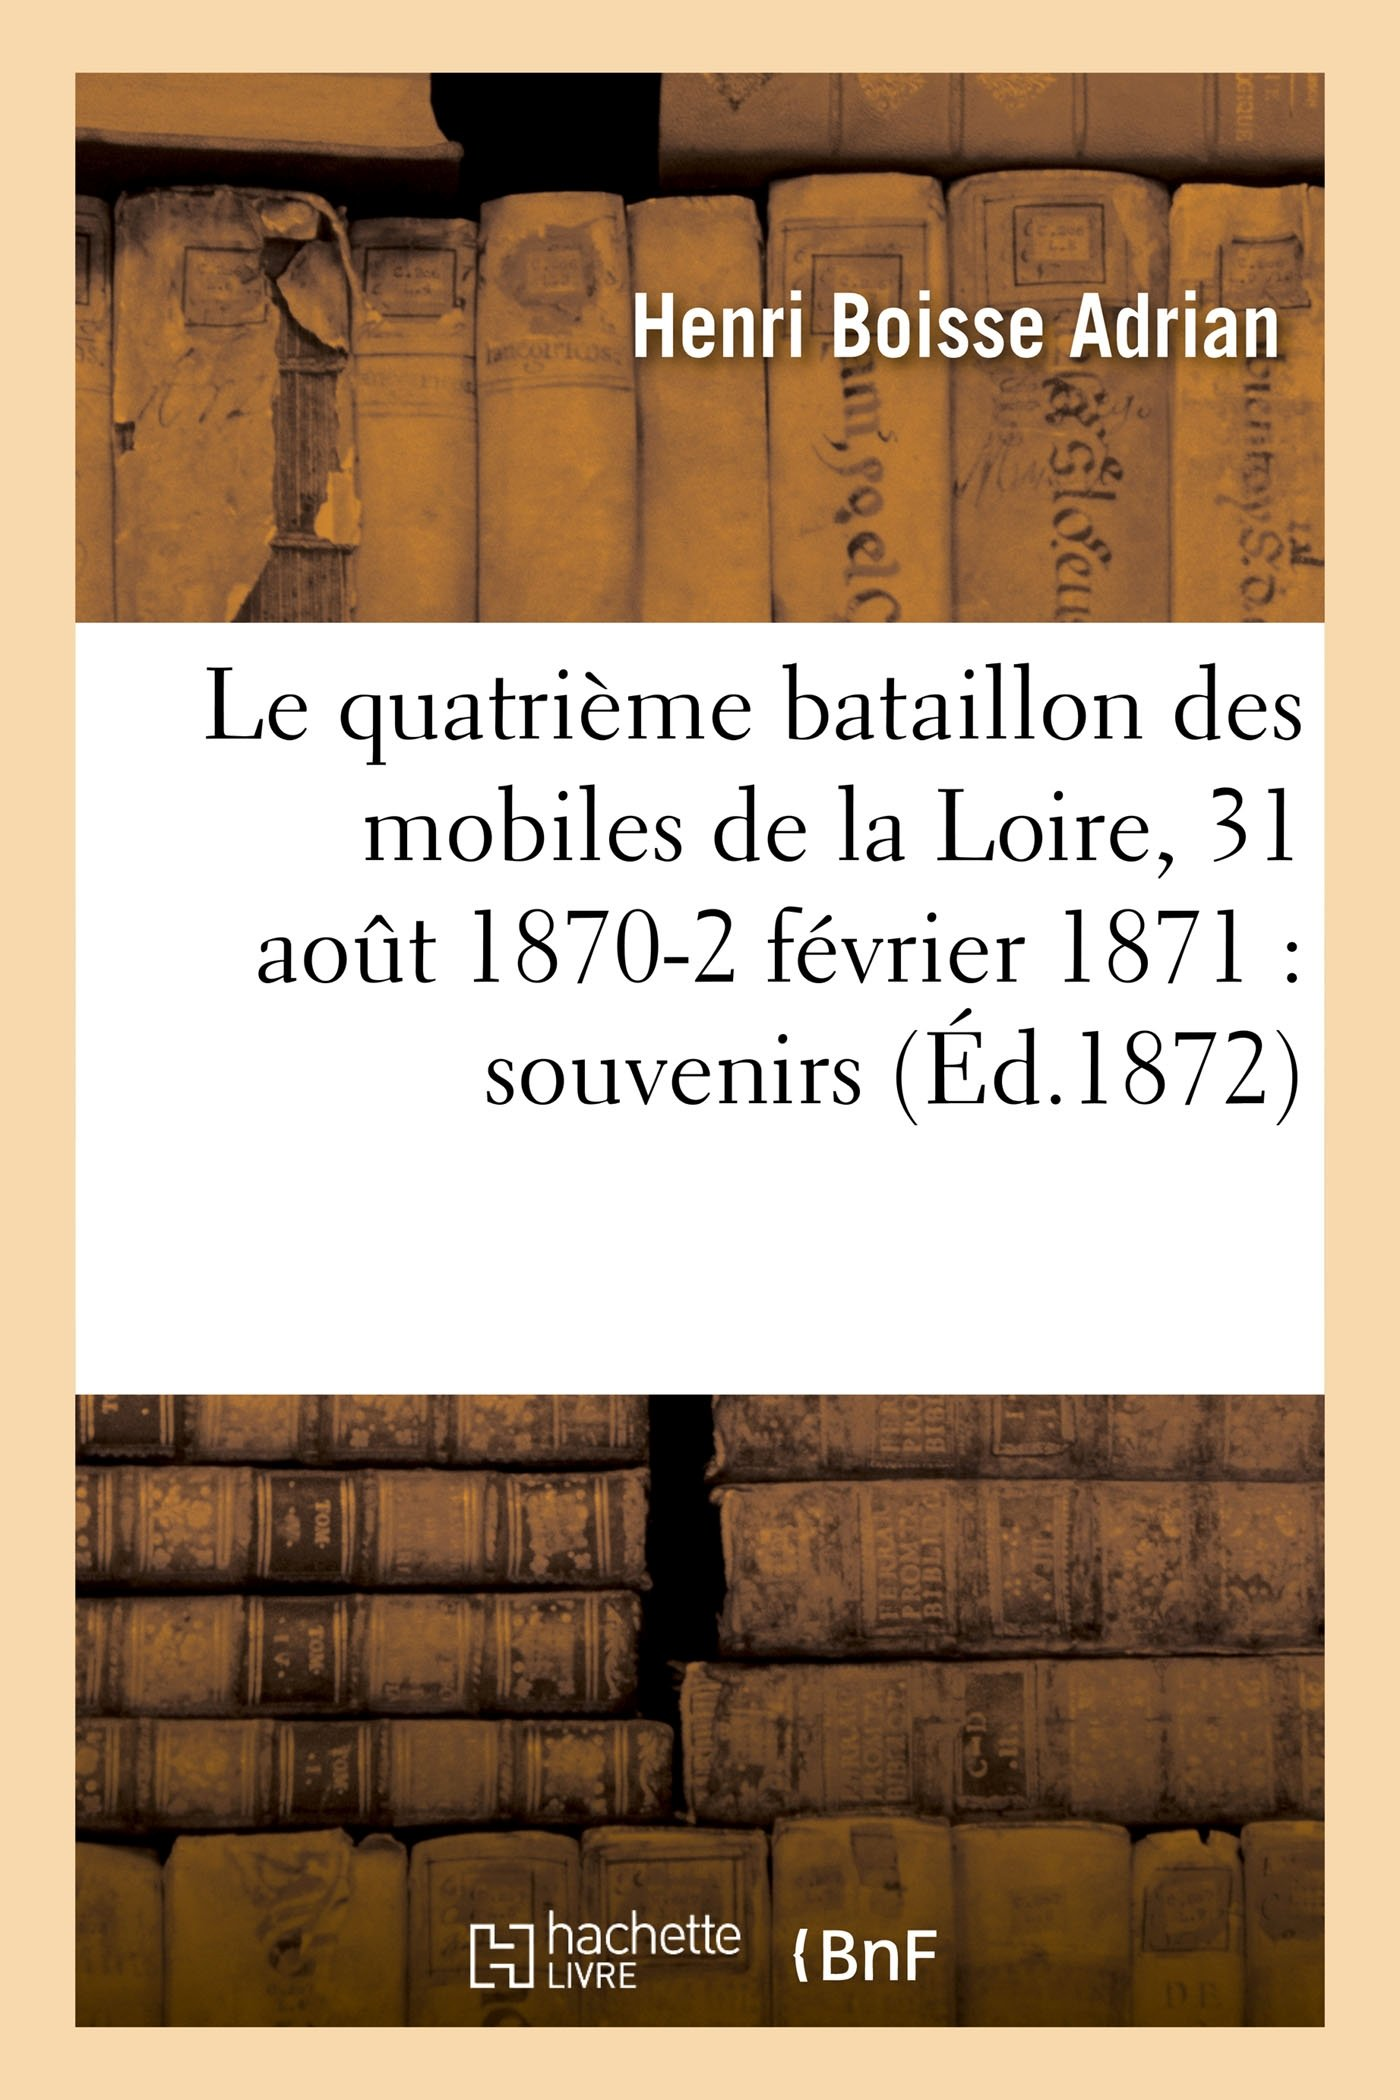 Download Le Quatrième Bataillon Des Mobiles de la Loire, 31 Aout 1870-2 Février 1871 (Sciences Sociales) (French Edition) ebook